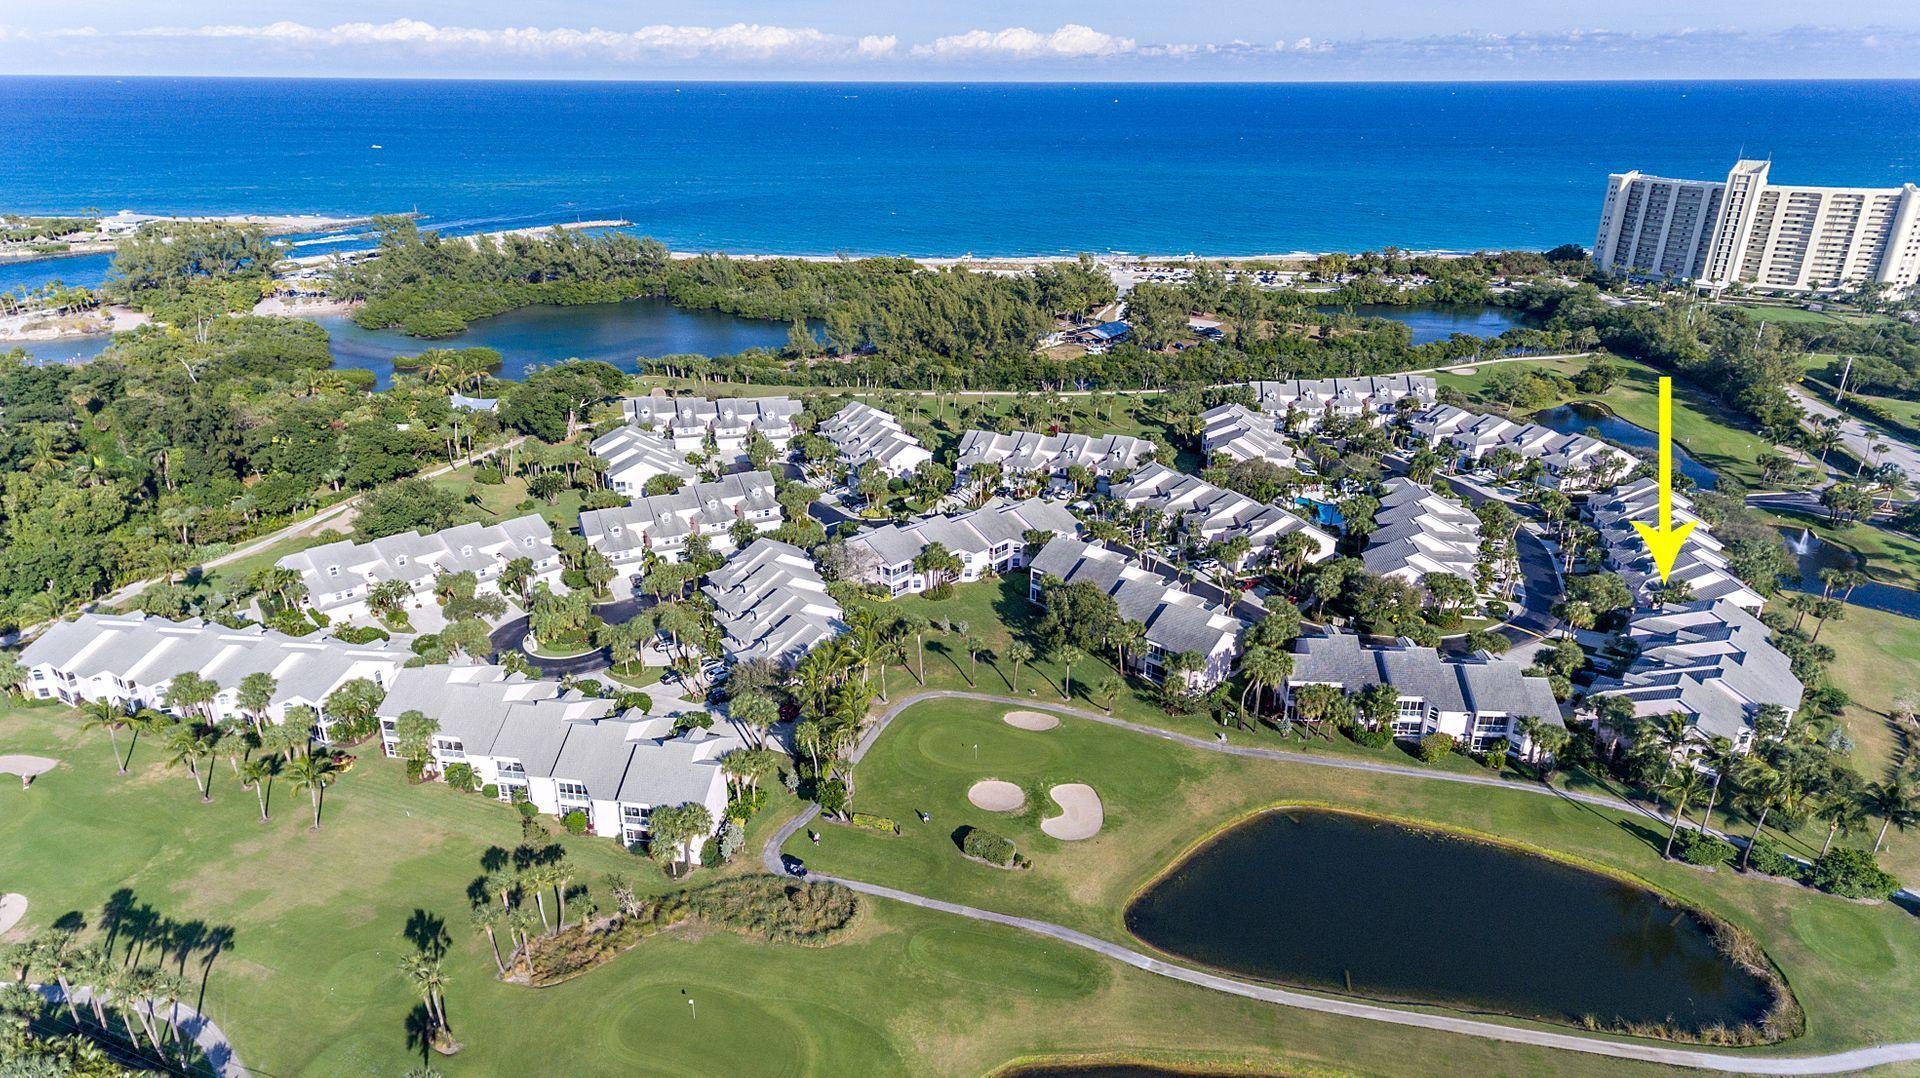 2601 Fairway Drive, Jupiter, Florida 33477, 2 Bedrooms Bedrooms, ,2.1 BathroomsBathrooms,A,Condominium,Fairway,RX-10497923